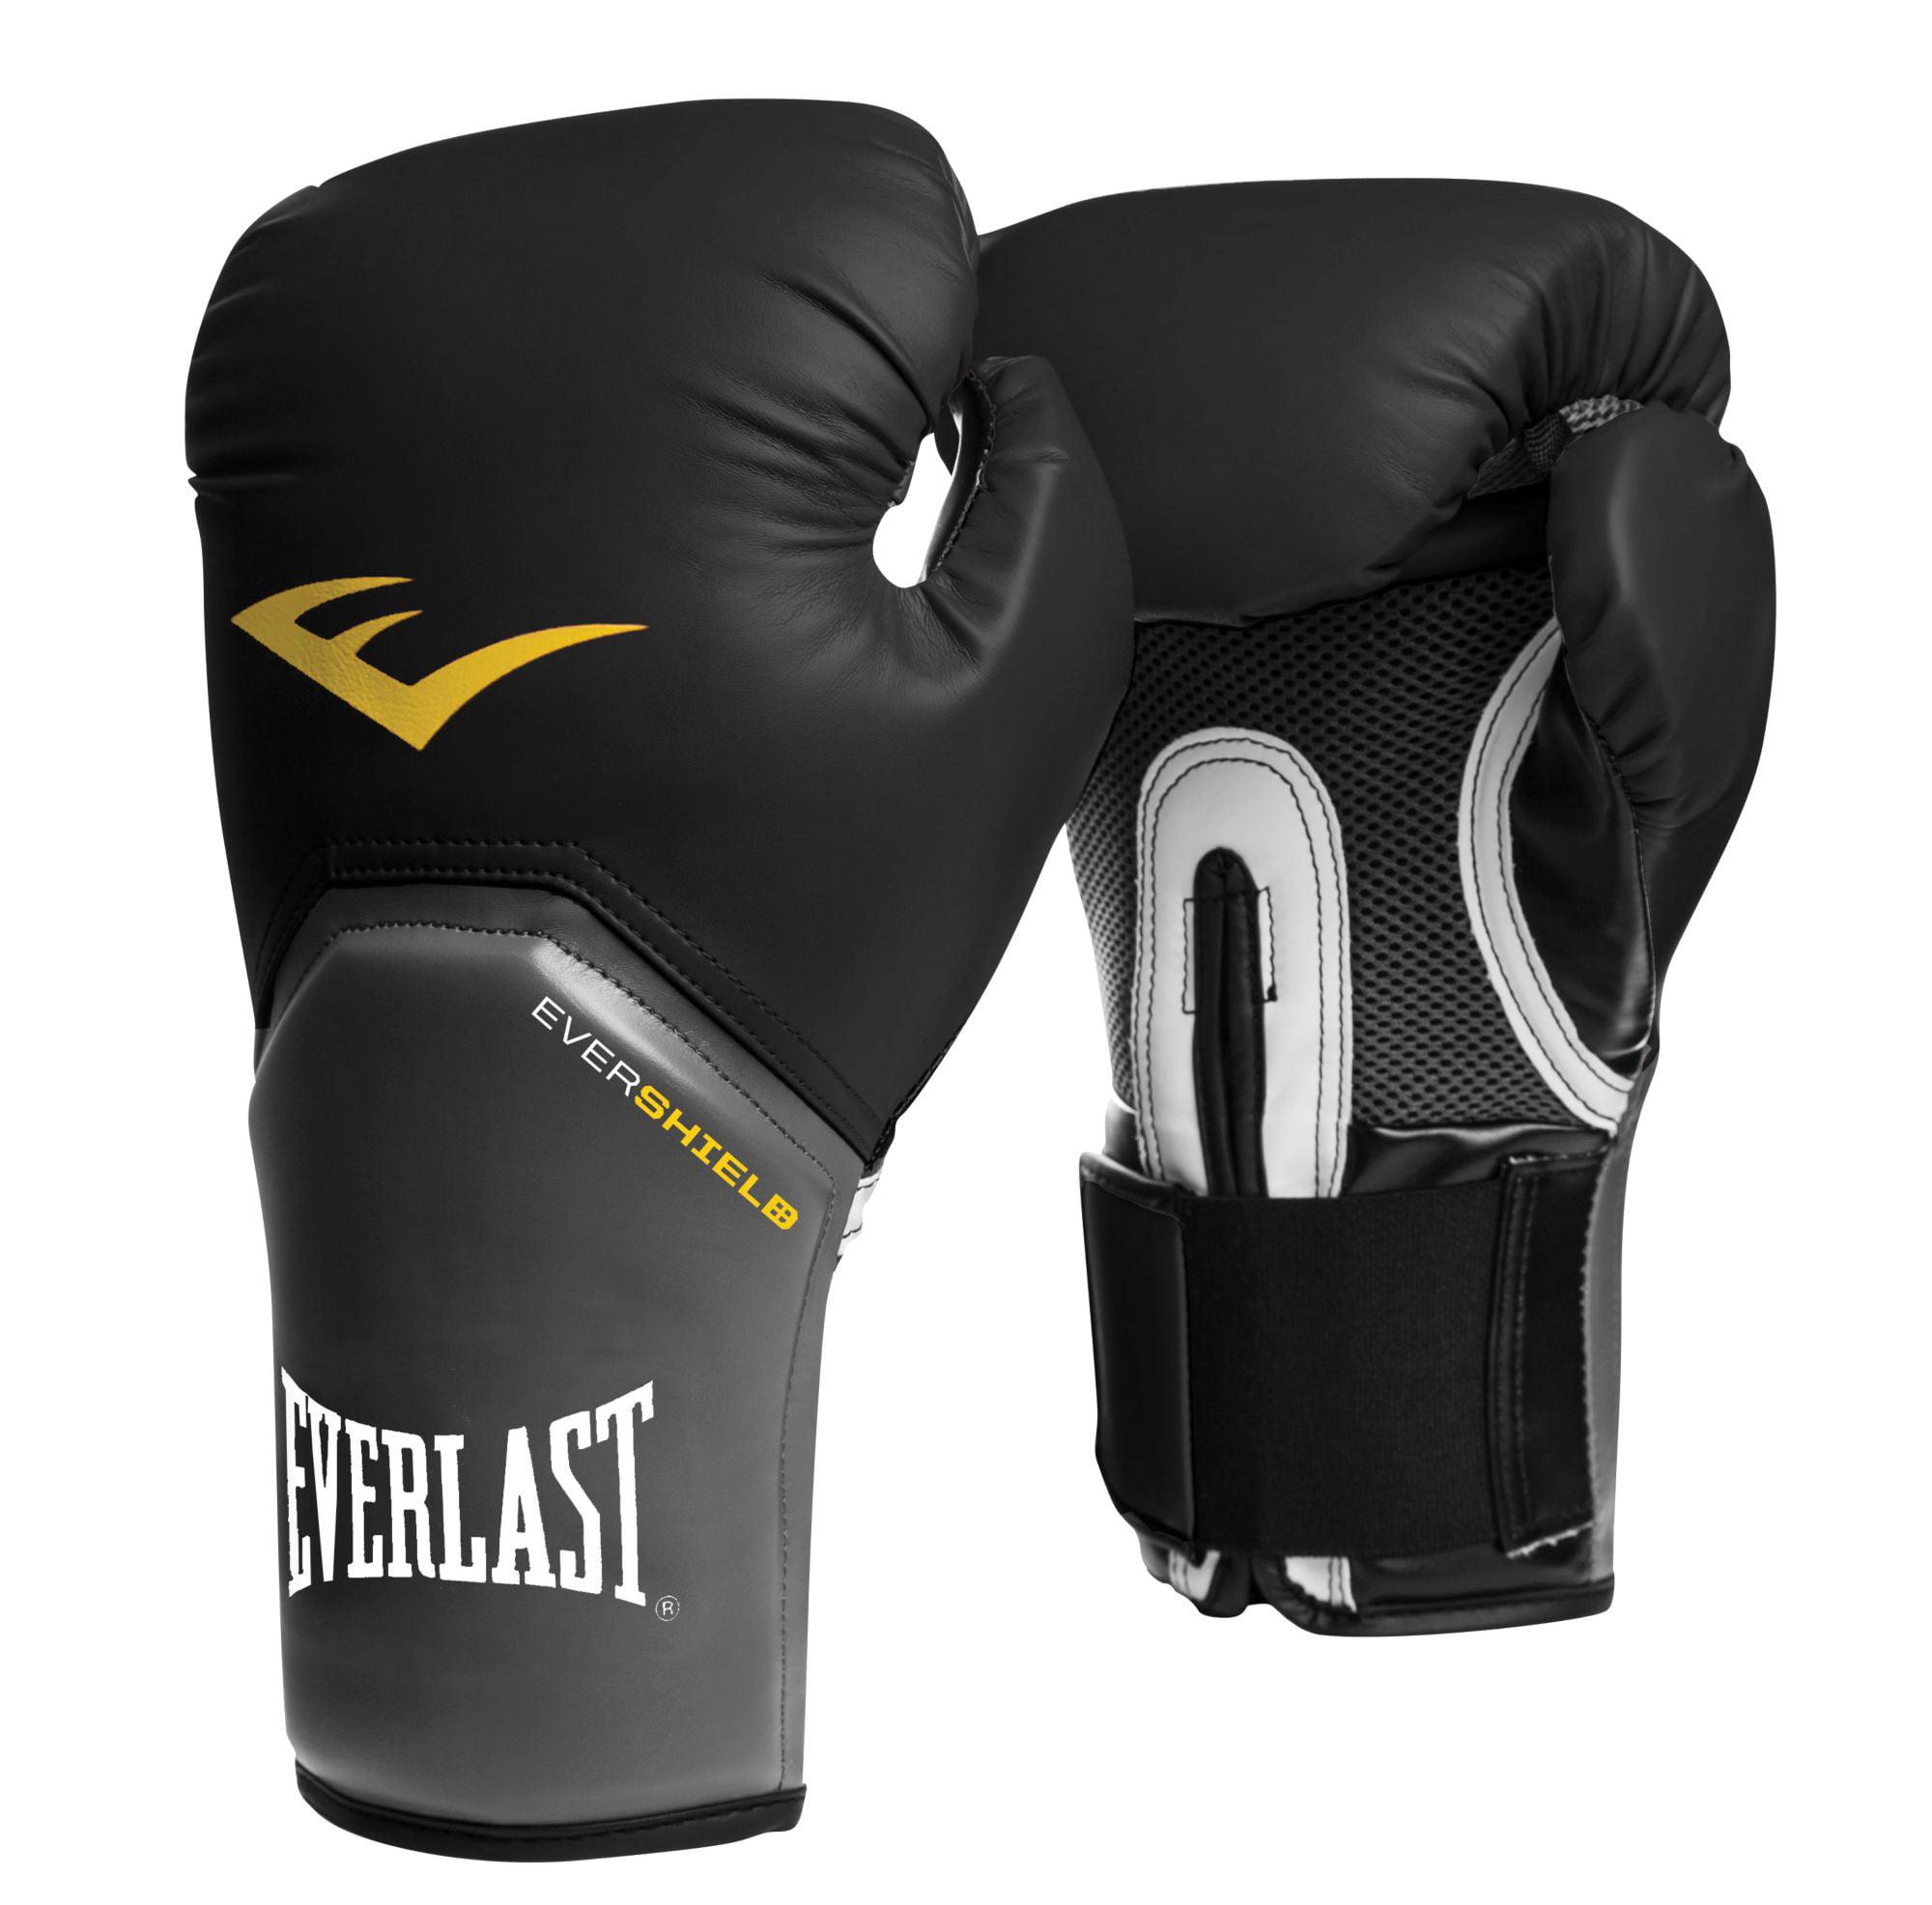 Elite 2 Pro Style Training 8 10 12 14 16 OZ Training Everlast Boxing Gloves NEW